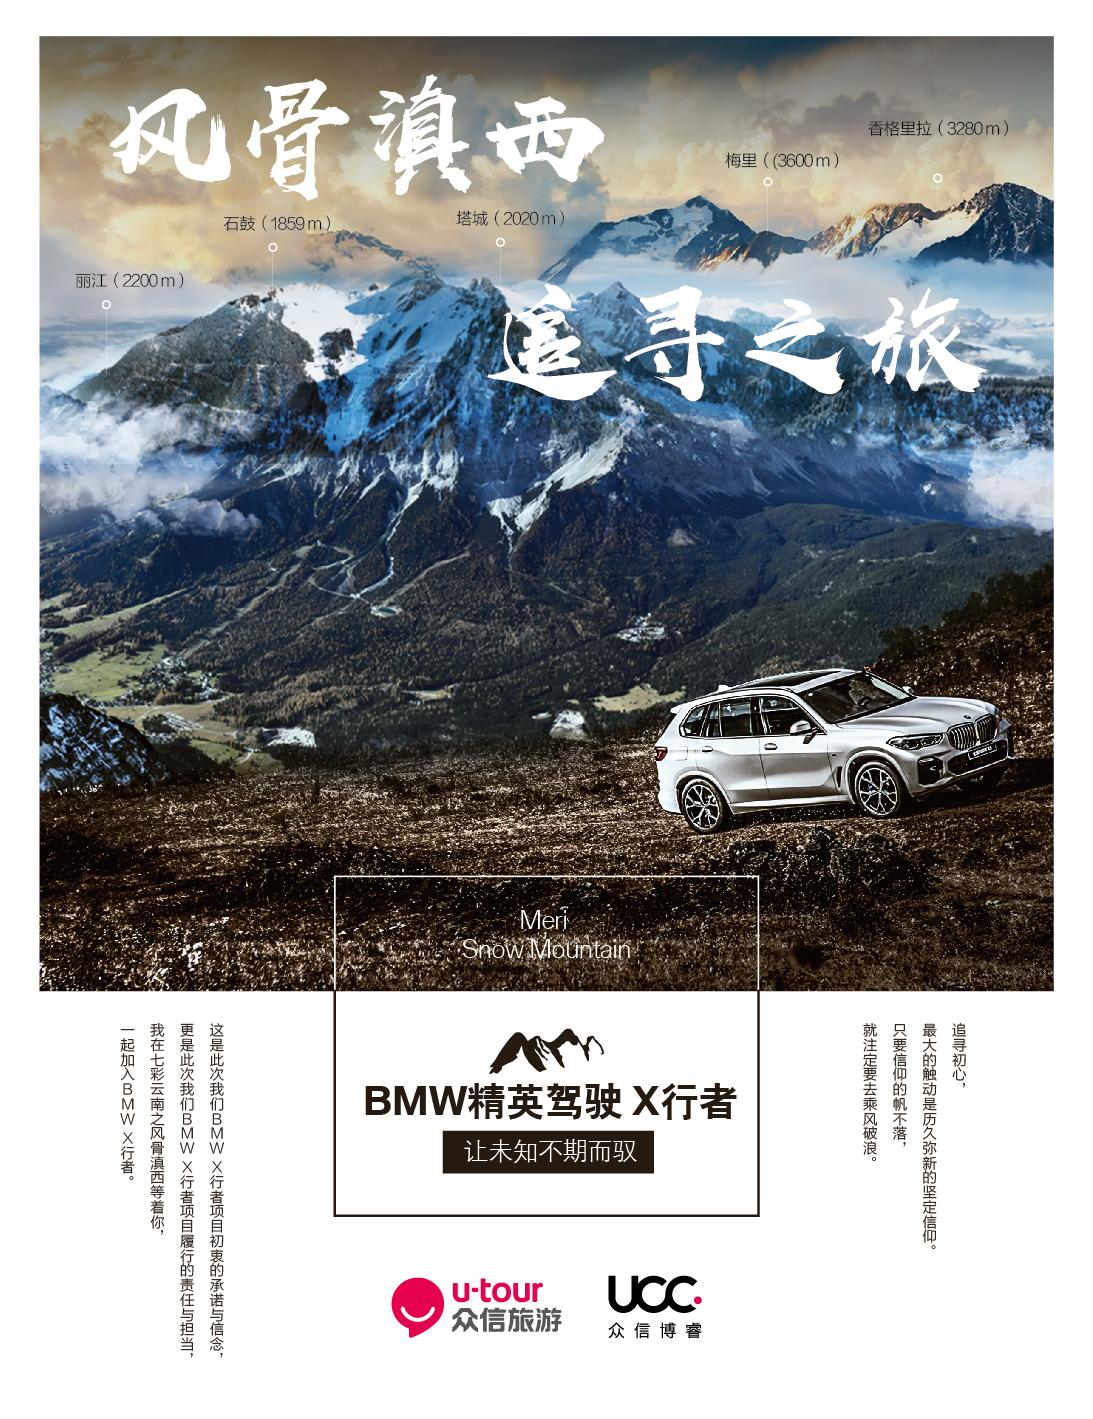 众信旅游与BMW精英驾驶联手打造云南香格里拉高端自驾产品